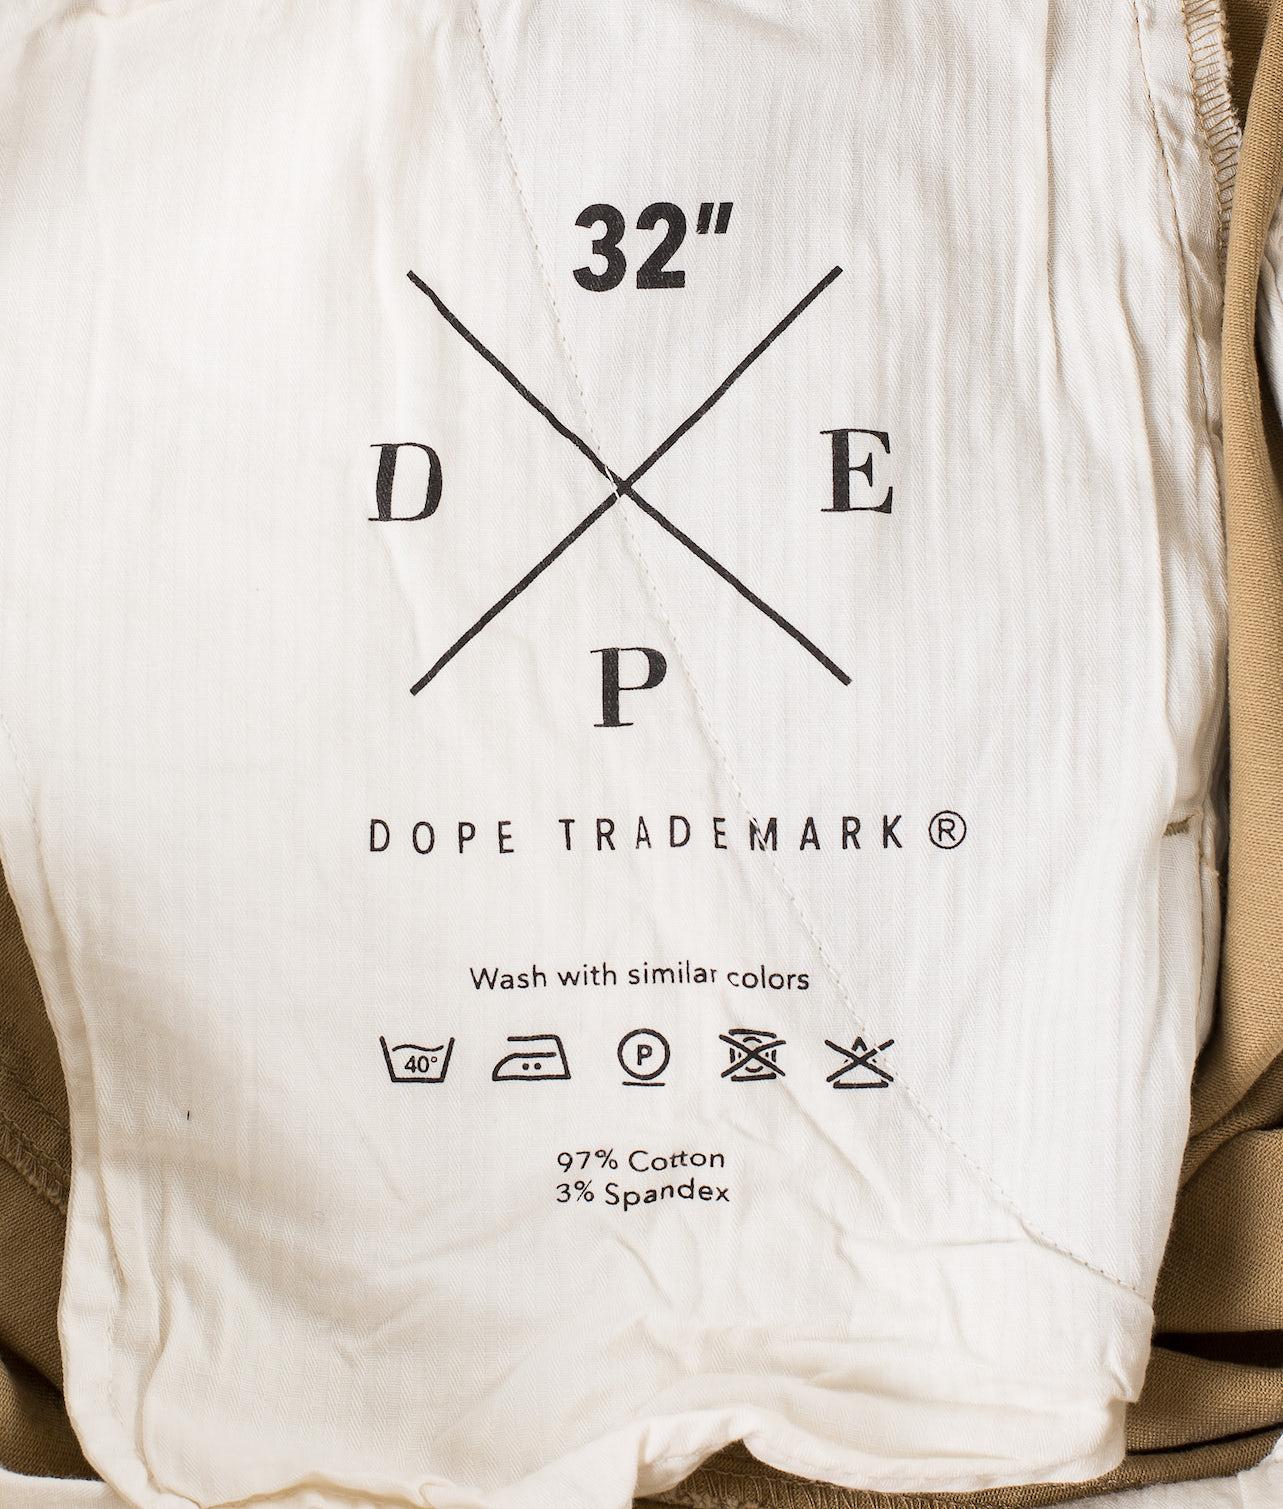 Kjøp Valdez Bukser fra Dope på Ridestore.no - Hos oss har du alltid fri frakt, fri retur og 30 dagers åpent kjøp!